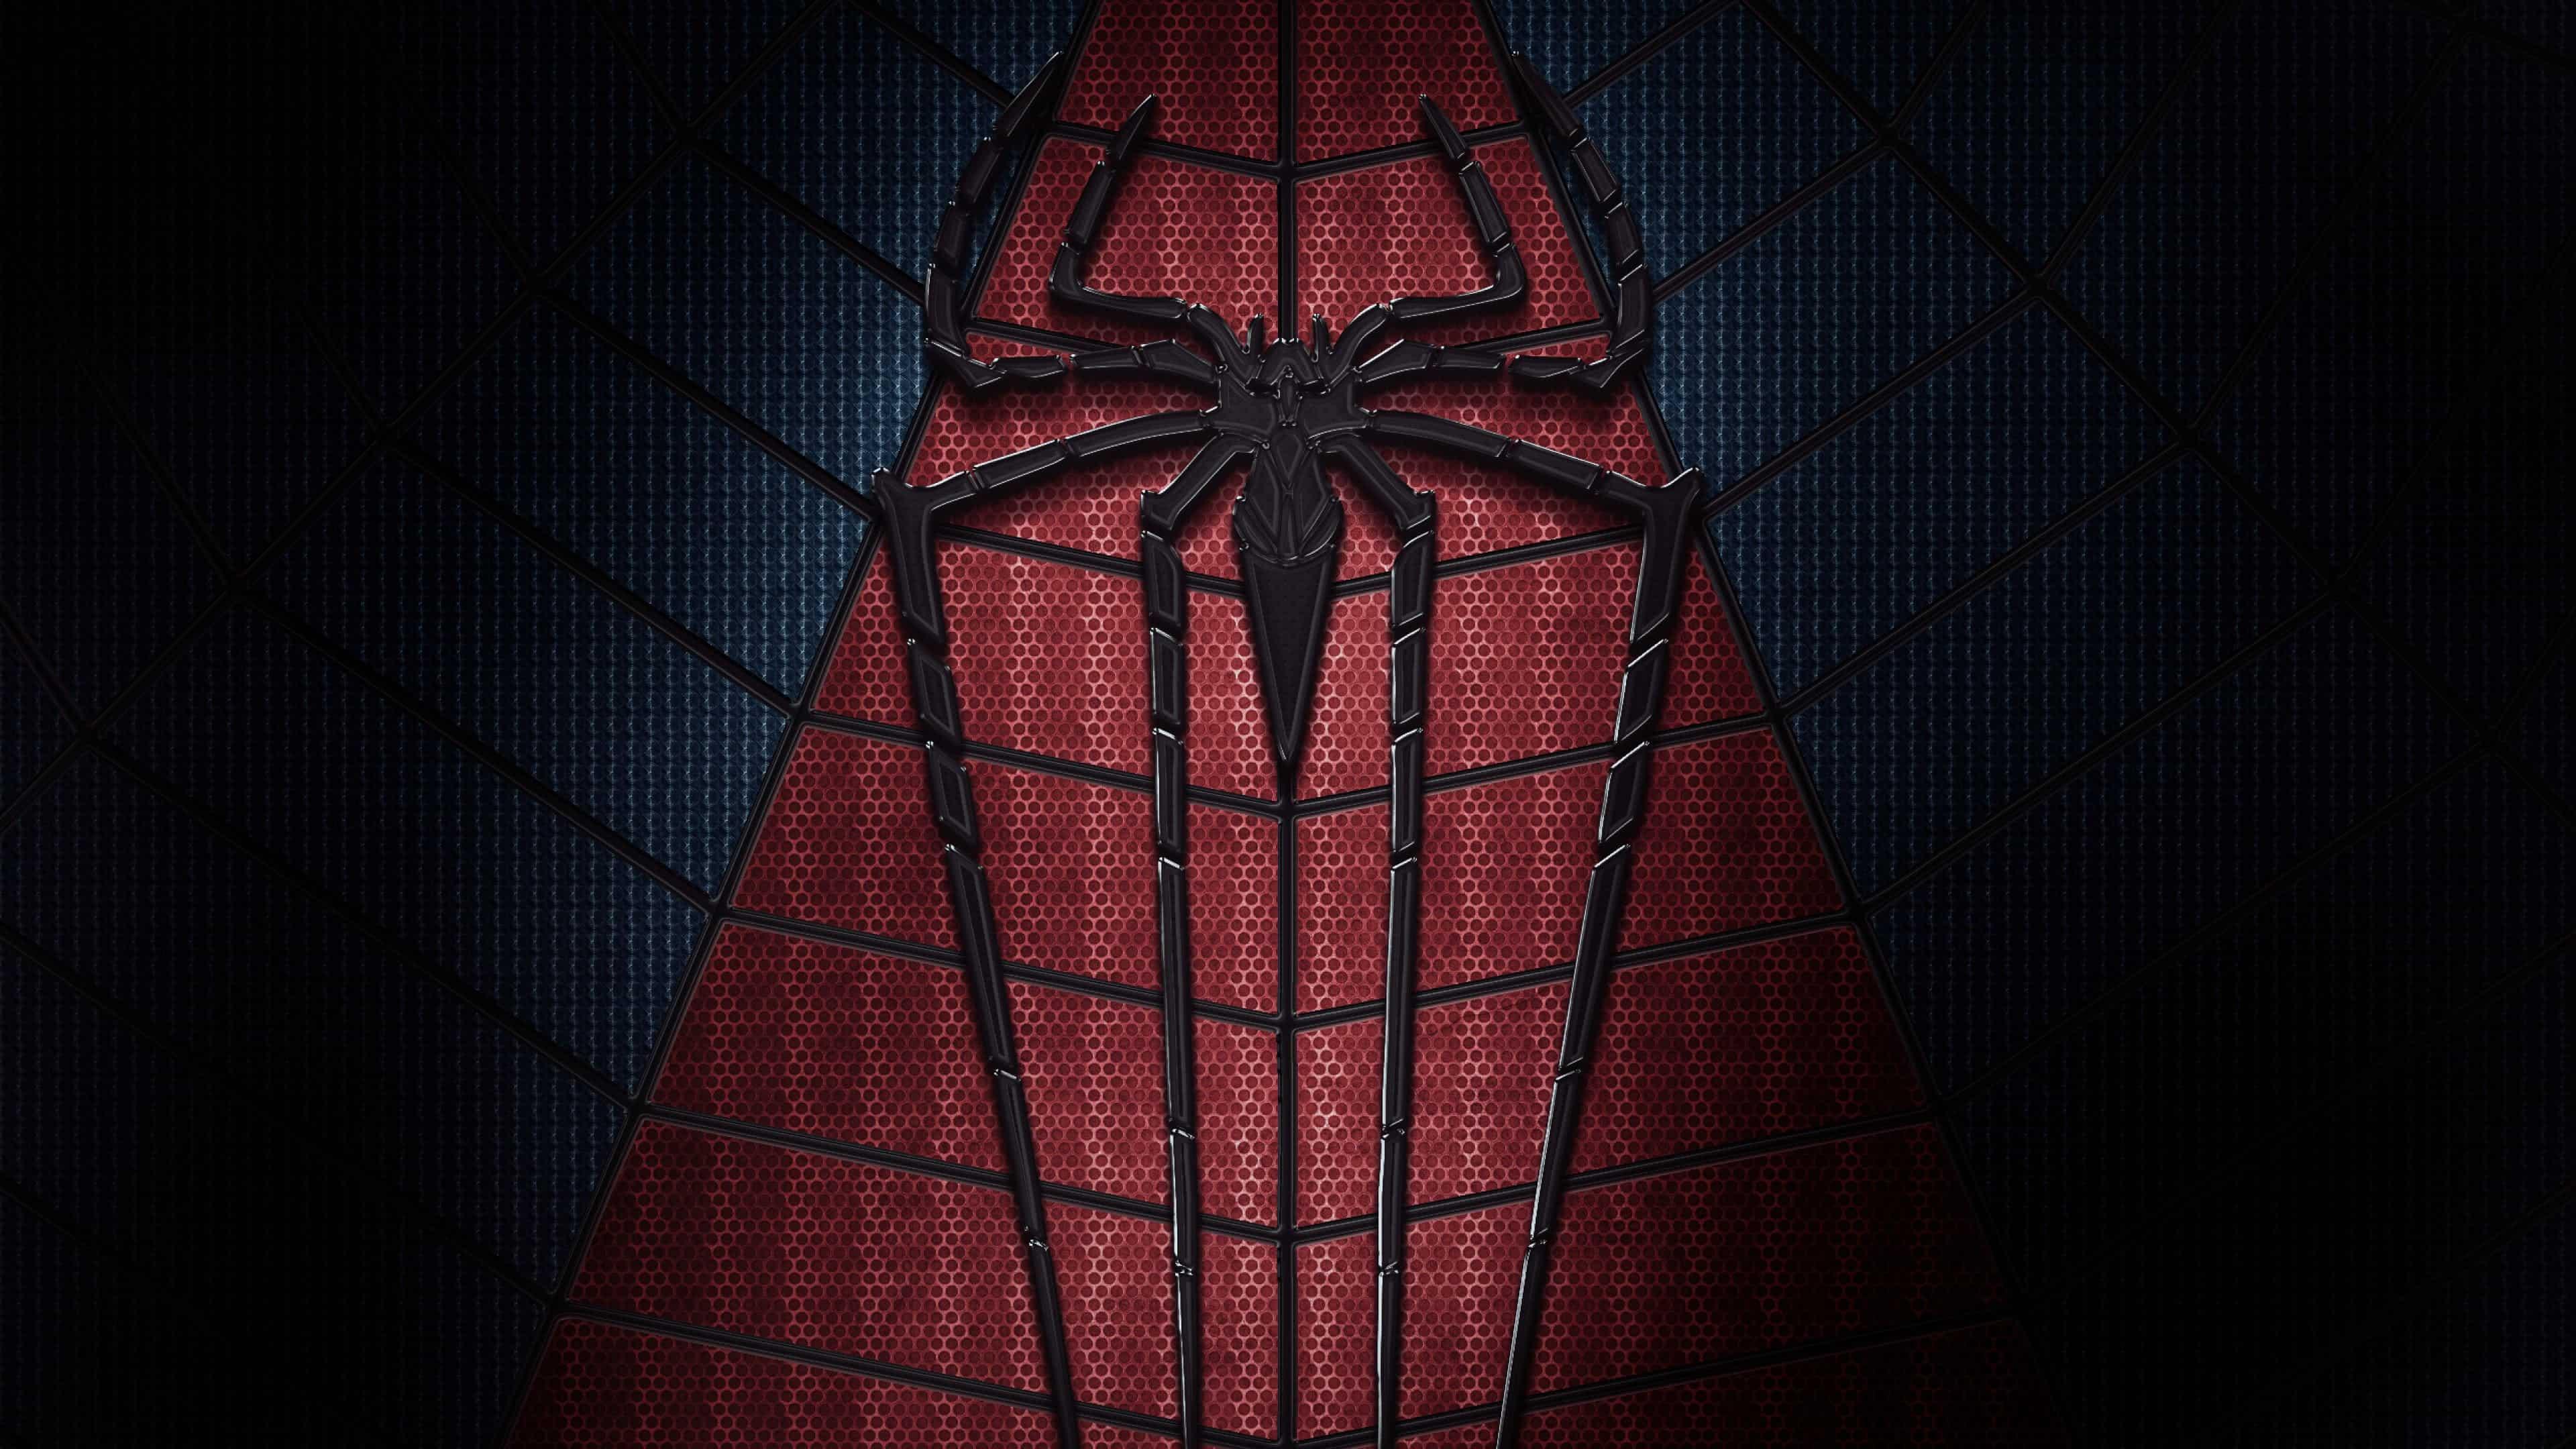 The Amazing Spider Man Spider Uhd 4k Wallpaper Pixelz